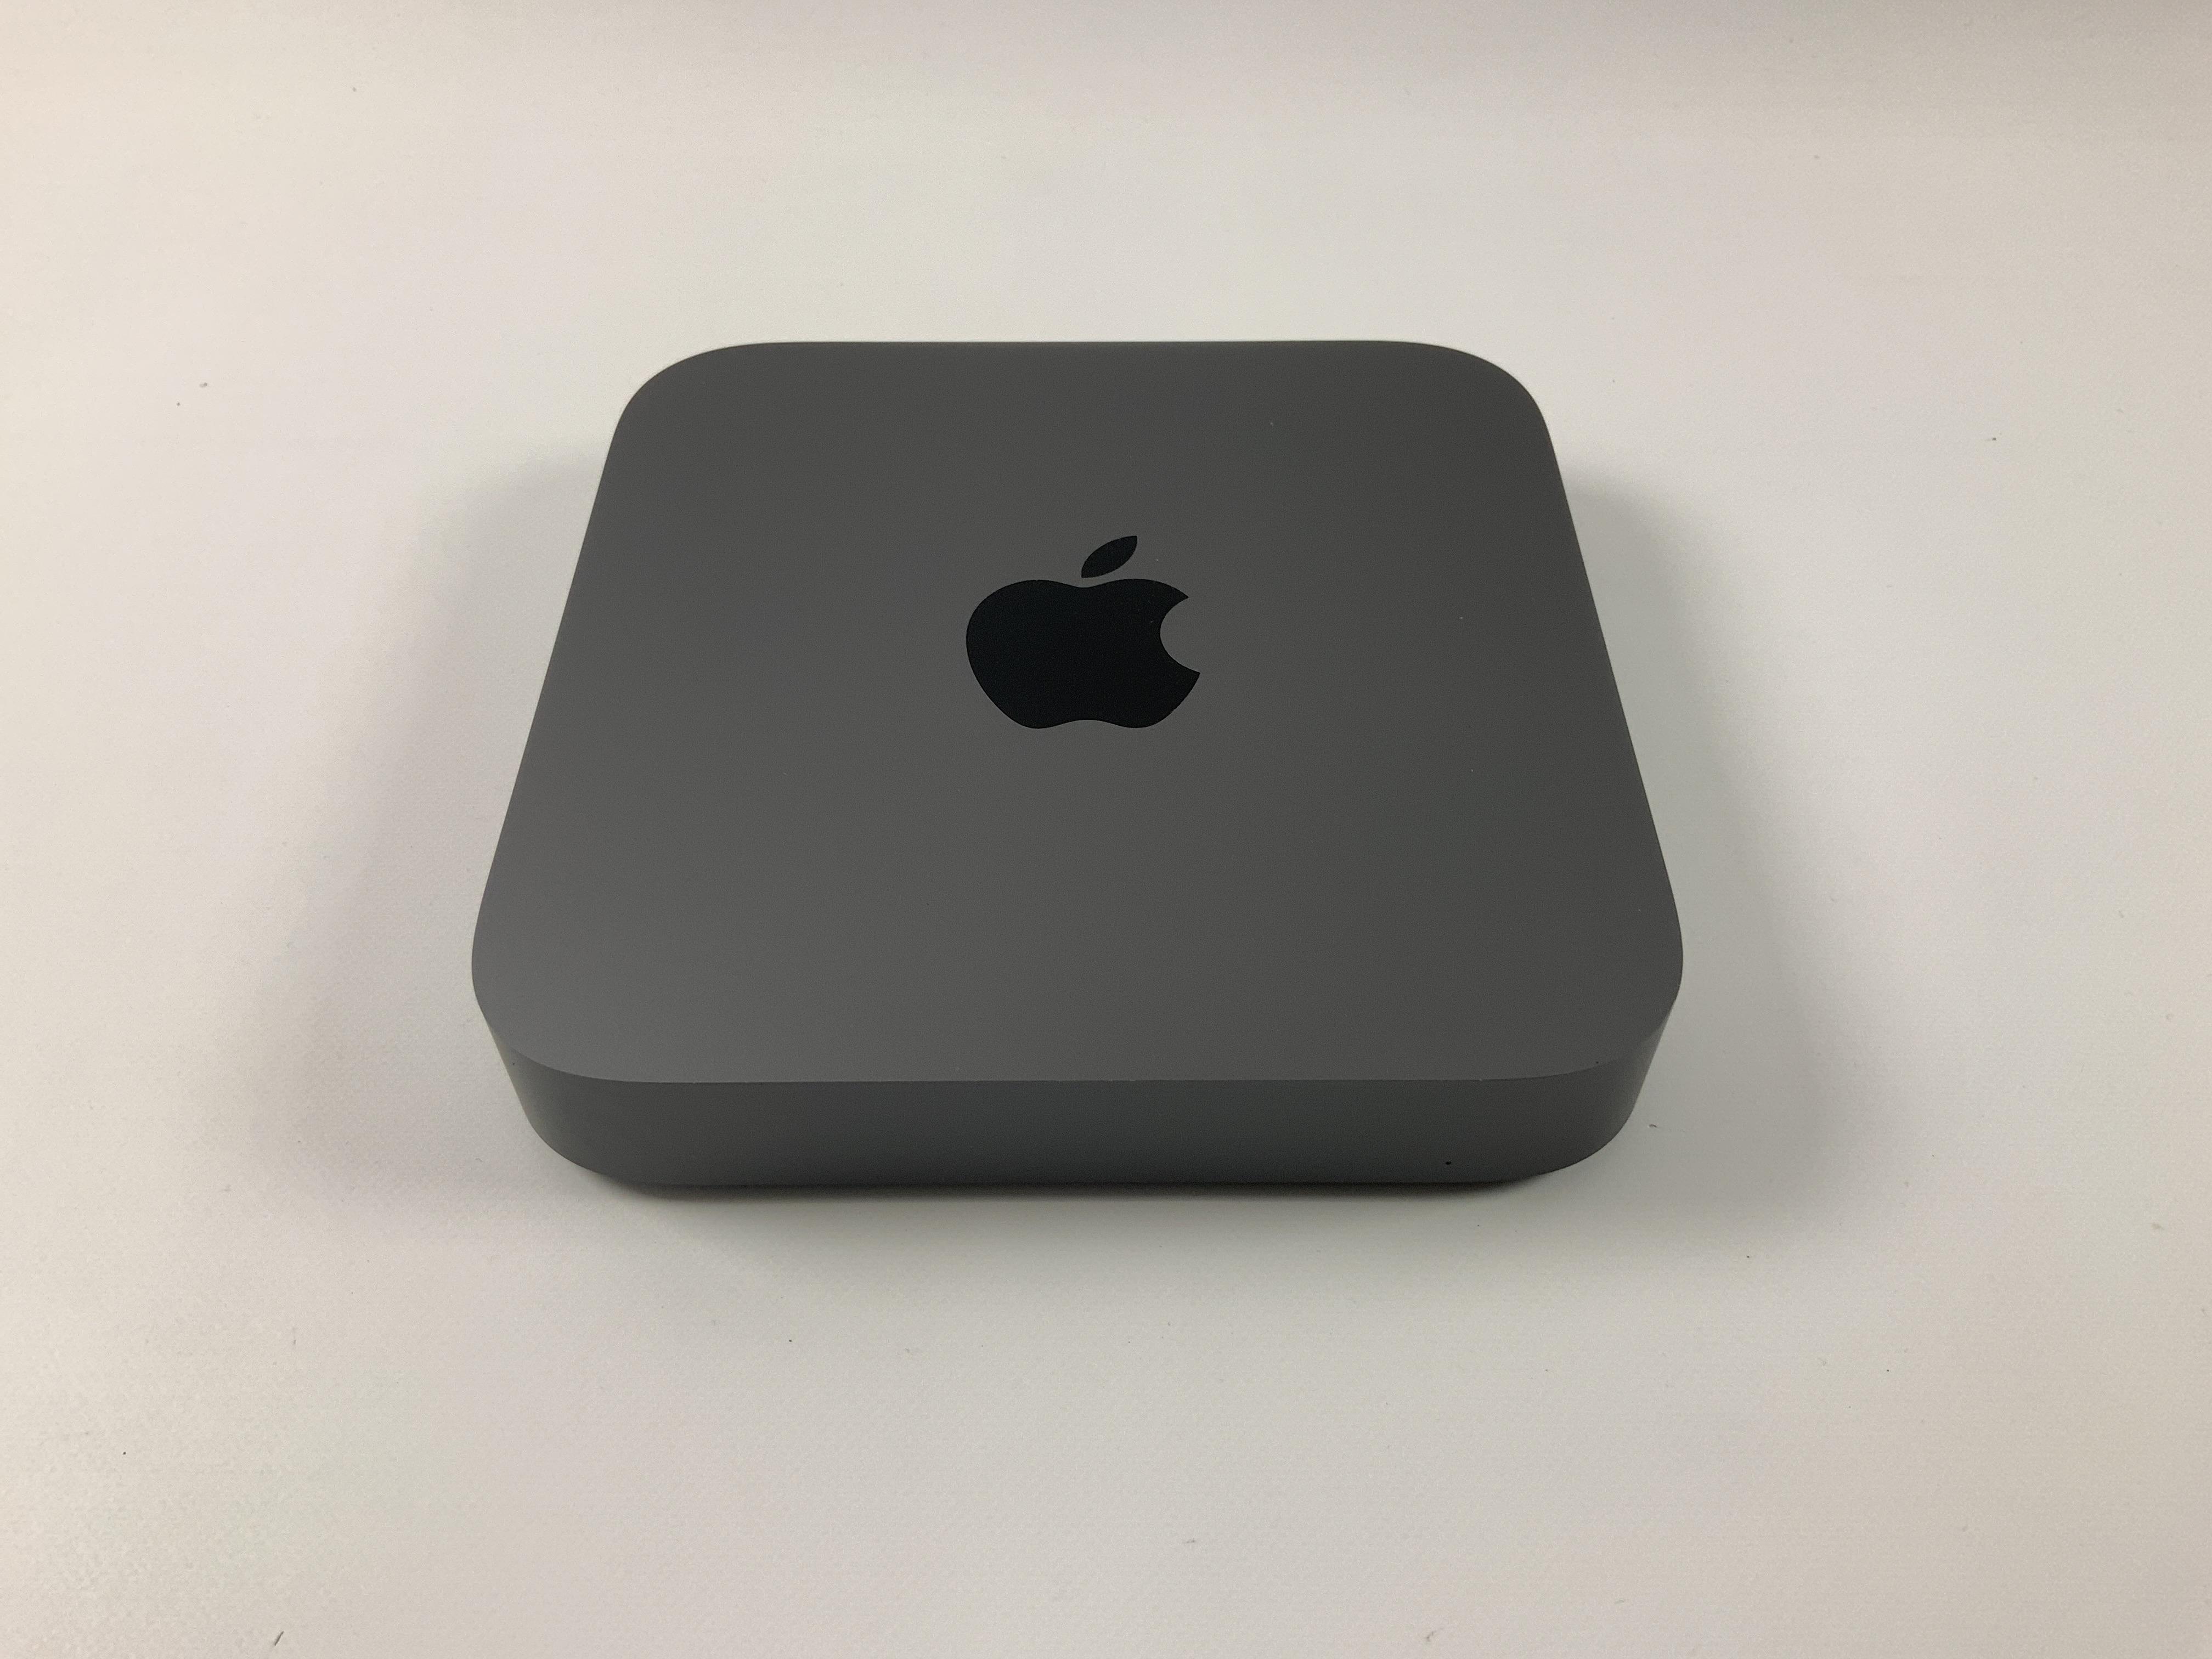 Mac Mini Late 2018 (Intel Quad-Core i3 3.6 GHz 32 GB RAM 128 GB SSD), Intel Quad-Core i3 3.6 GHz, 32 GB RAM, 128 GB SSD, Kuva 1